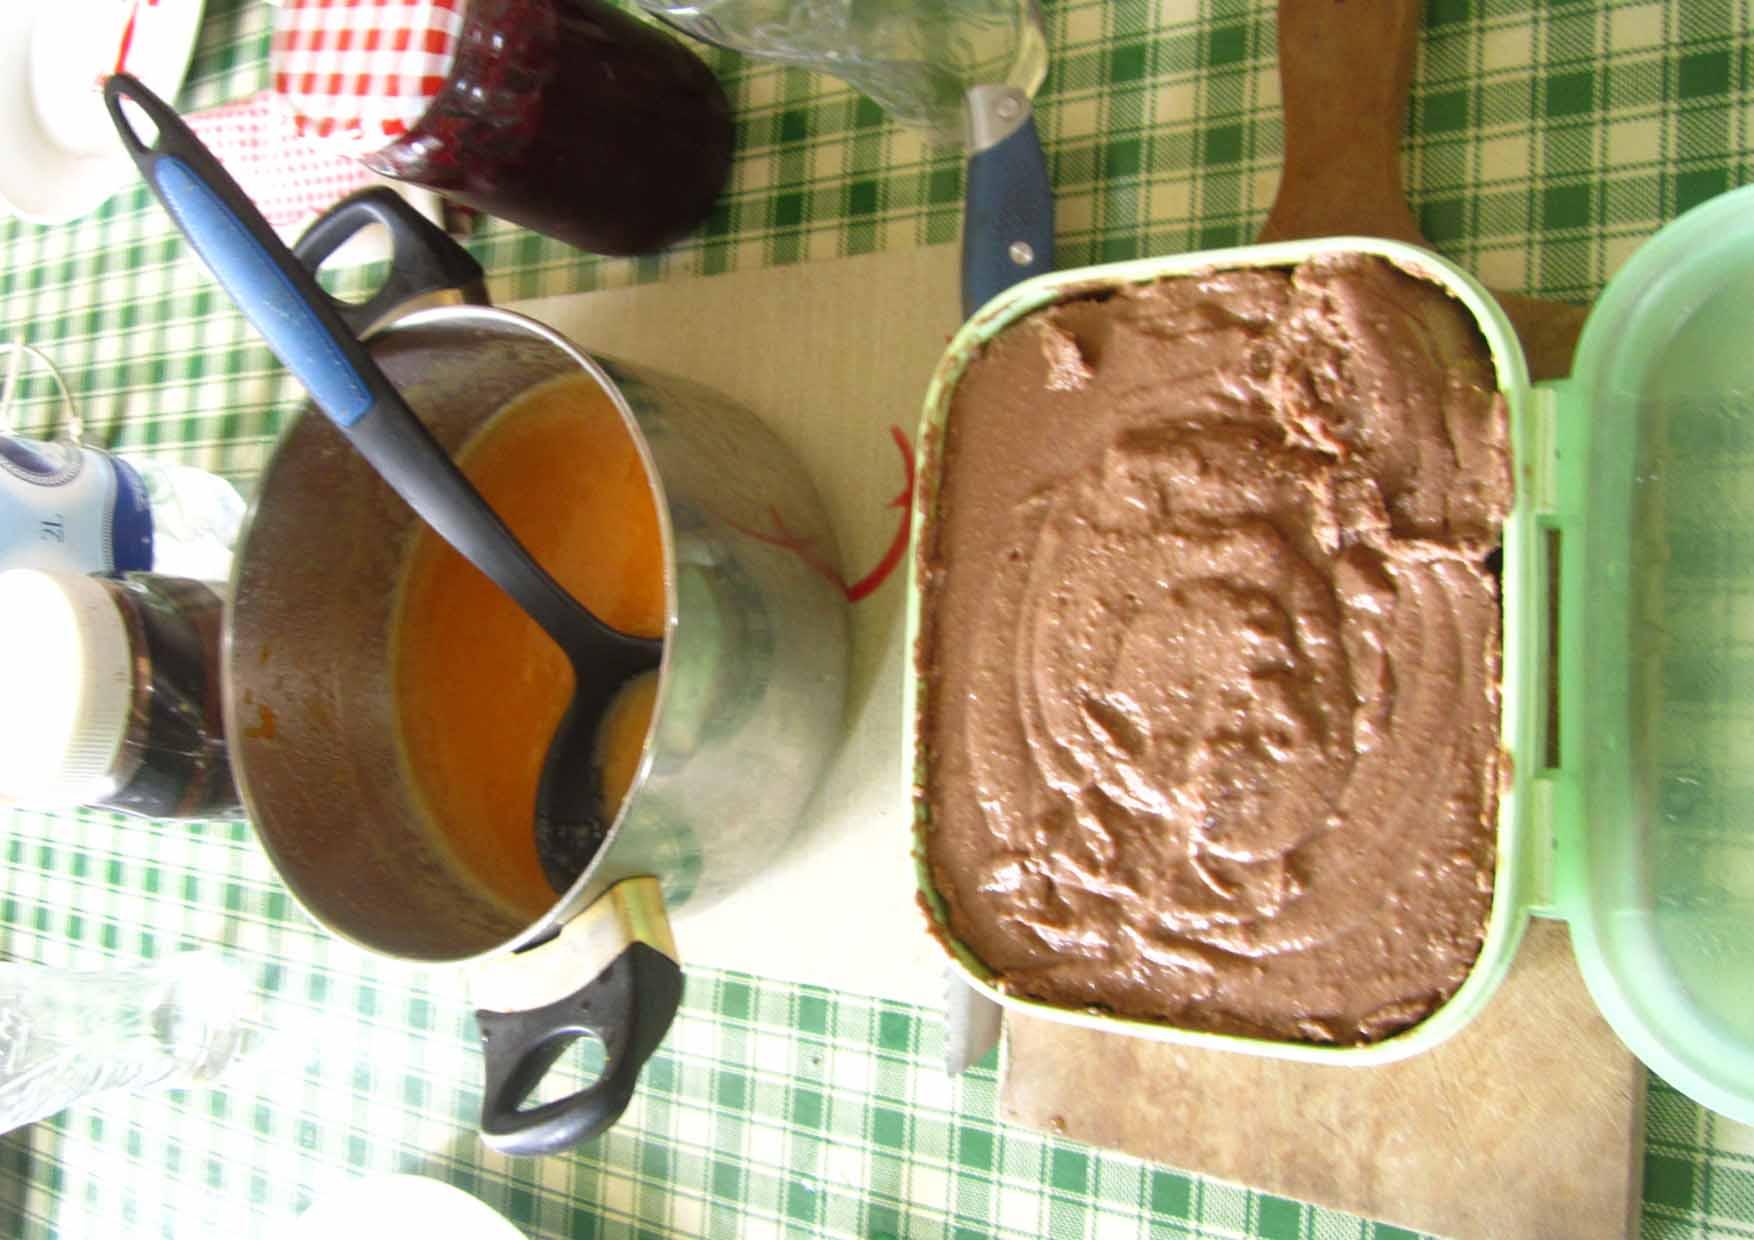 25 mORA 2015 Vinkov dorucak No3 proso puding i sos od voca